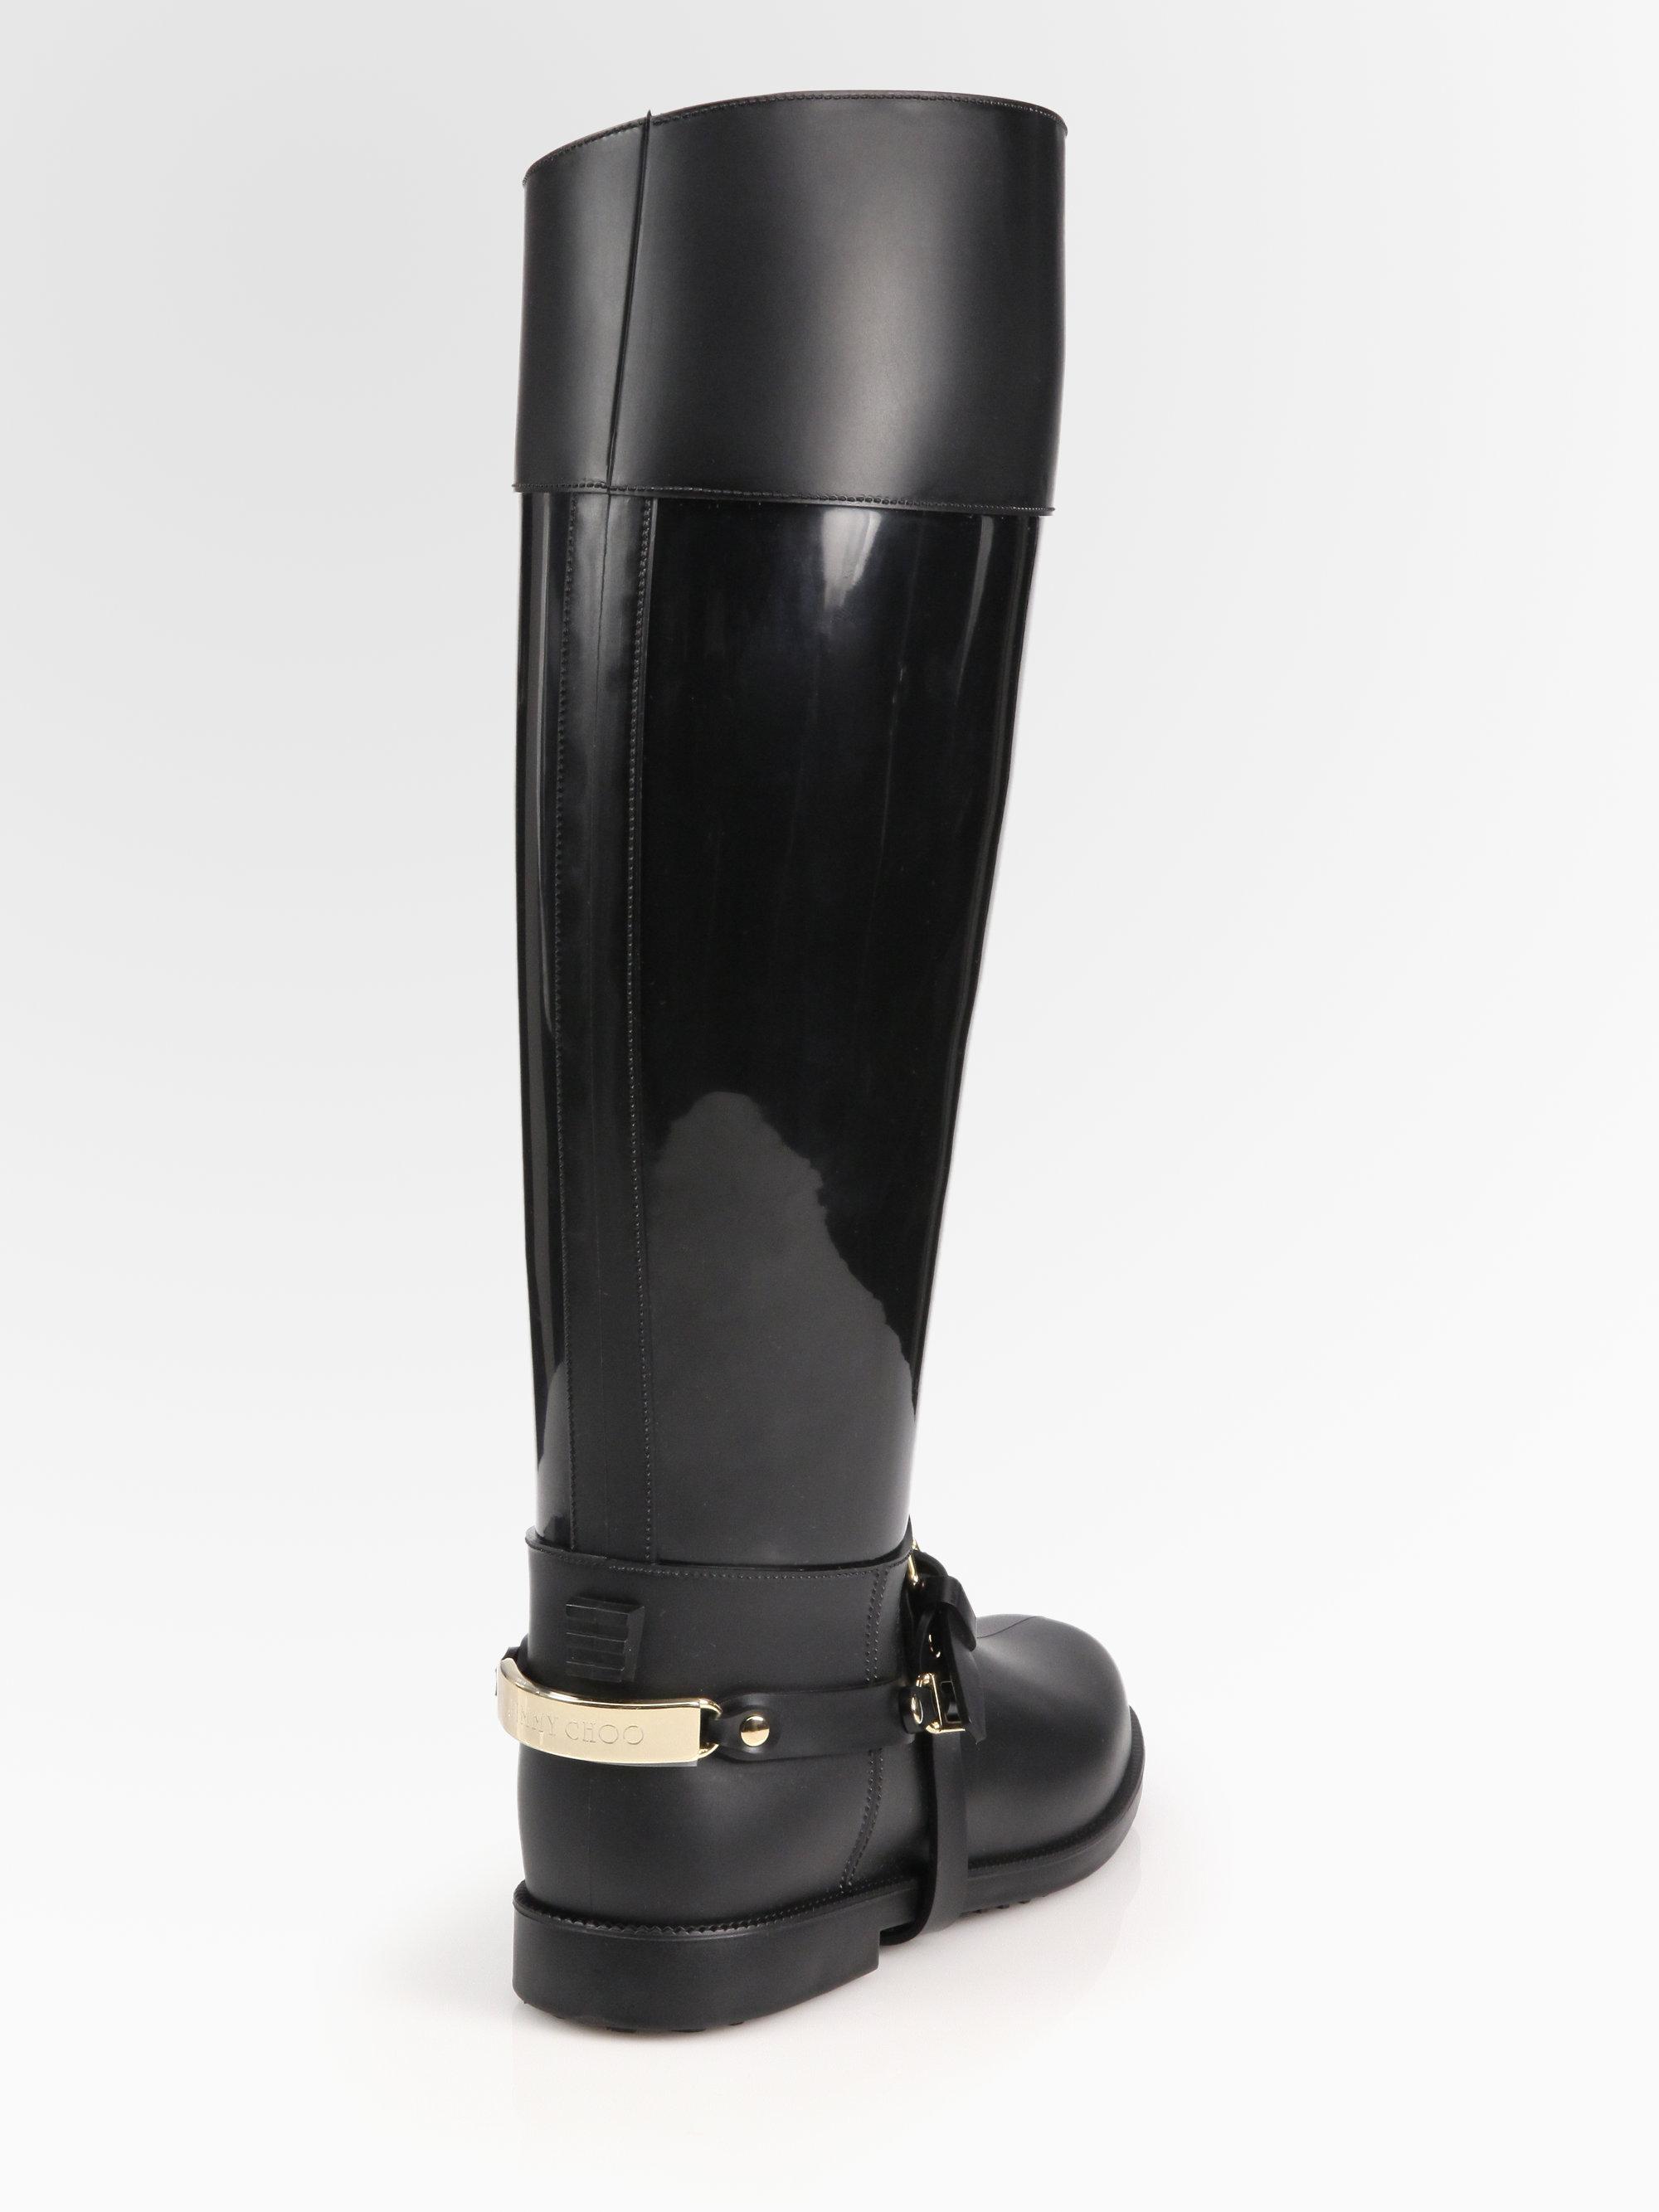 f5d287a425b Jimmy Choo Cheshire Flat Rain Boots in Black - Lyst